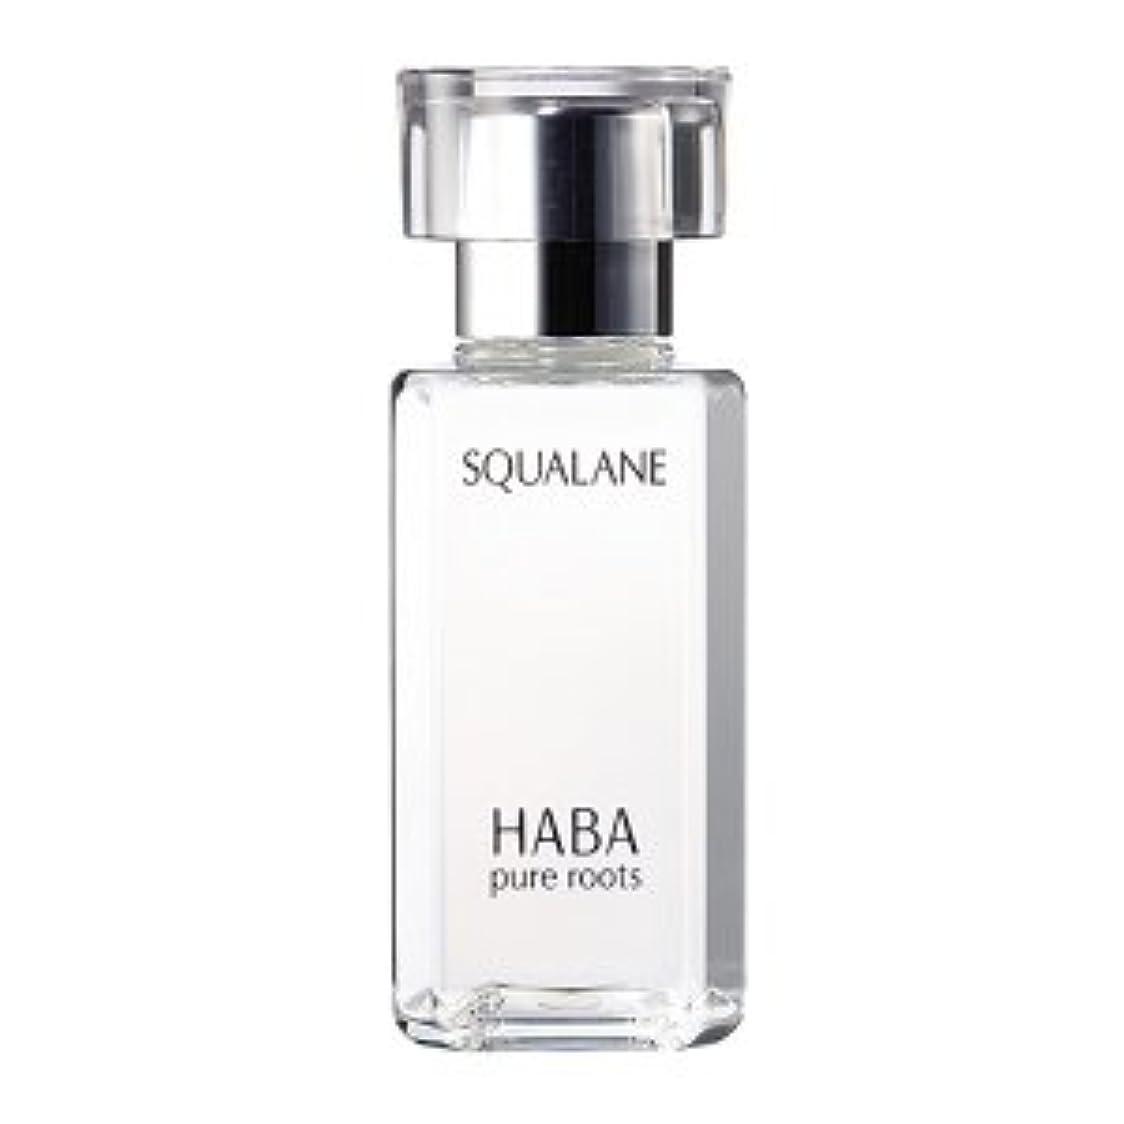 定期的仮称暴力的な高品位スクワラン 60ml HABA ハーバー